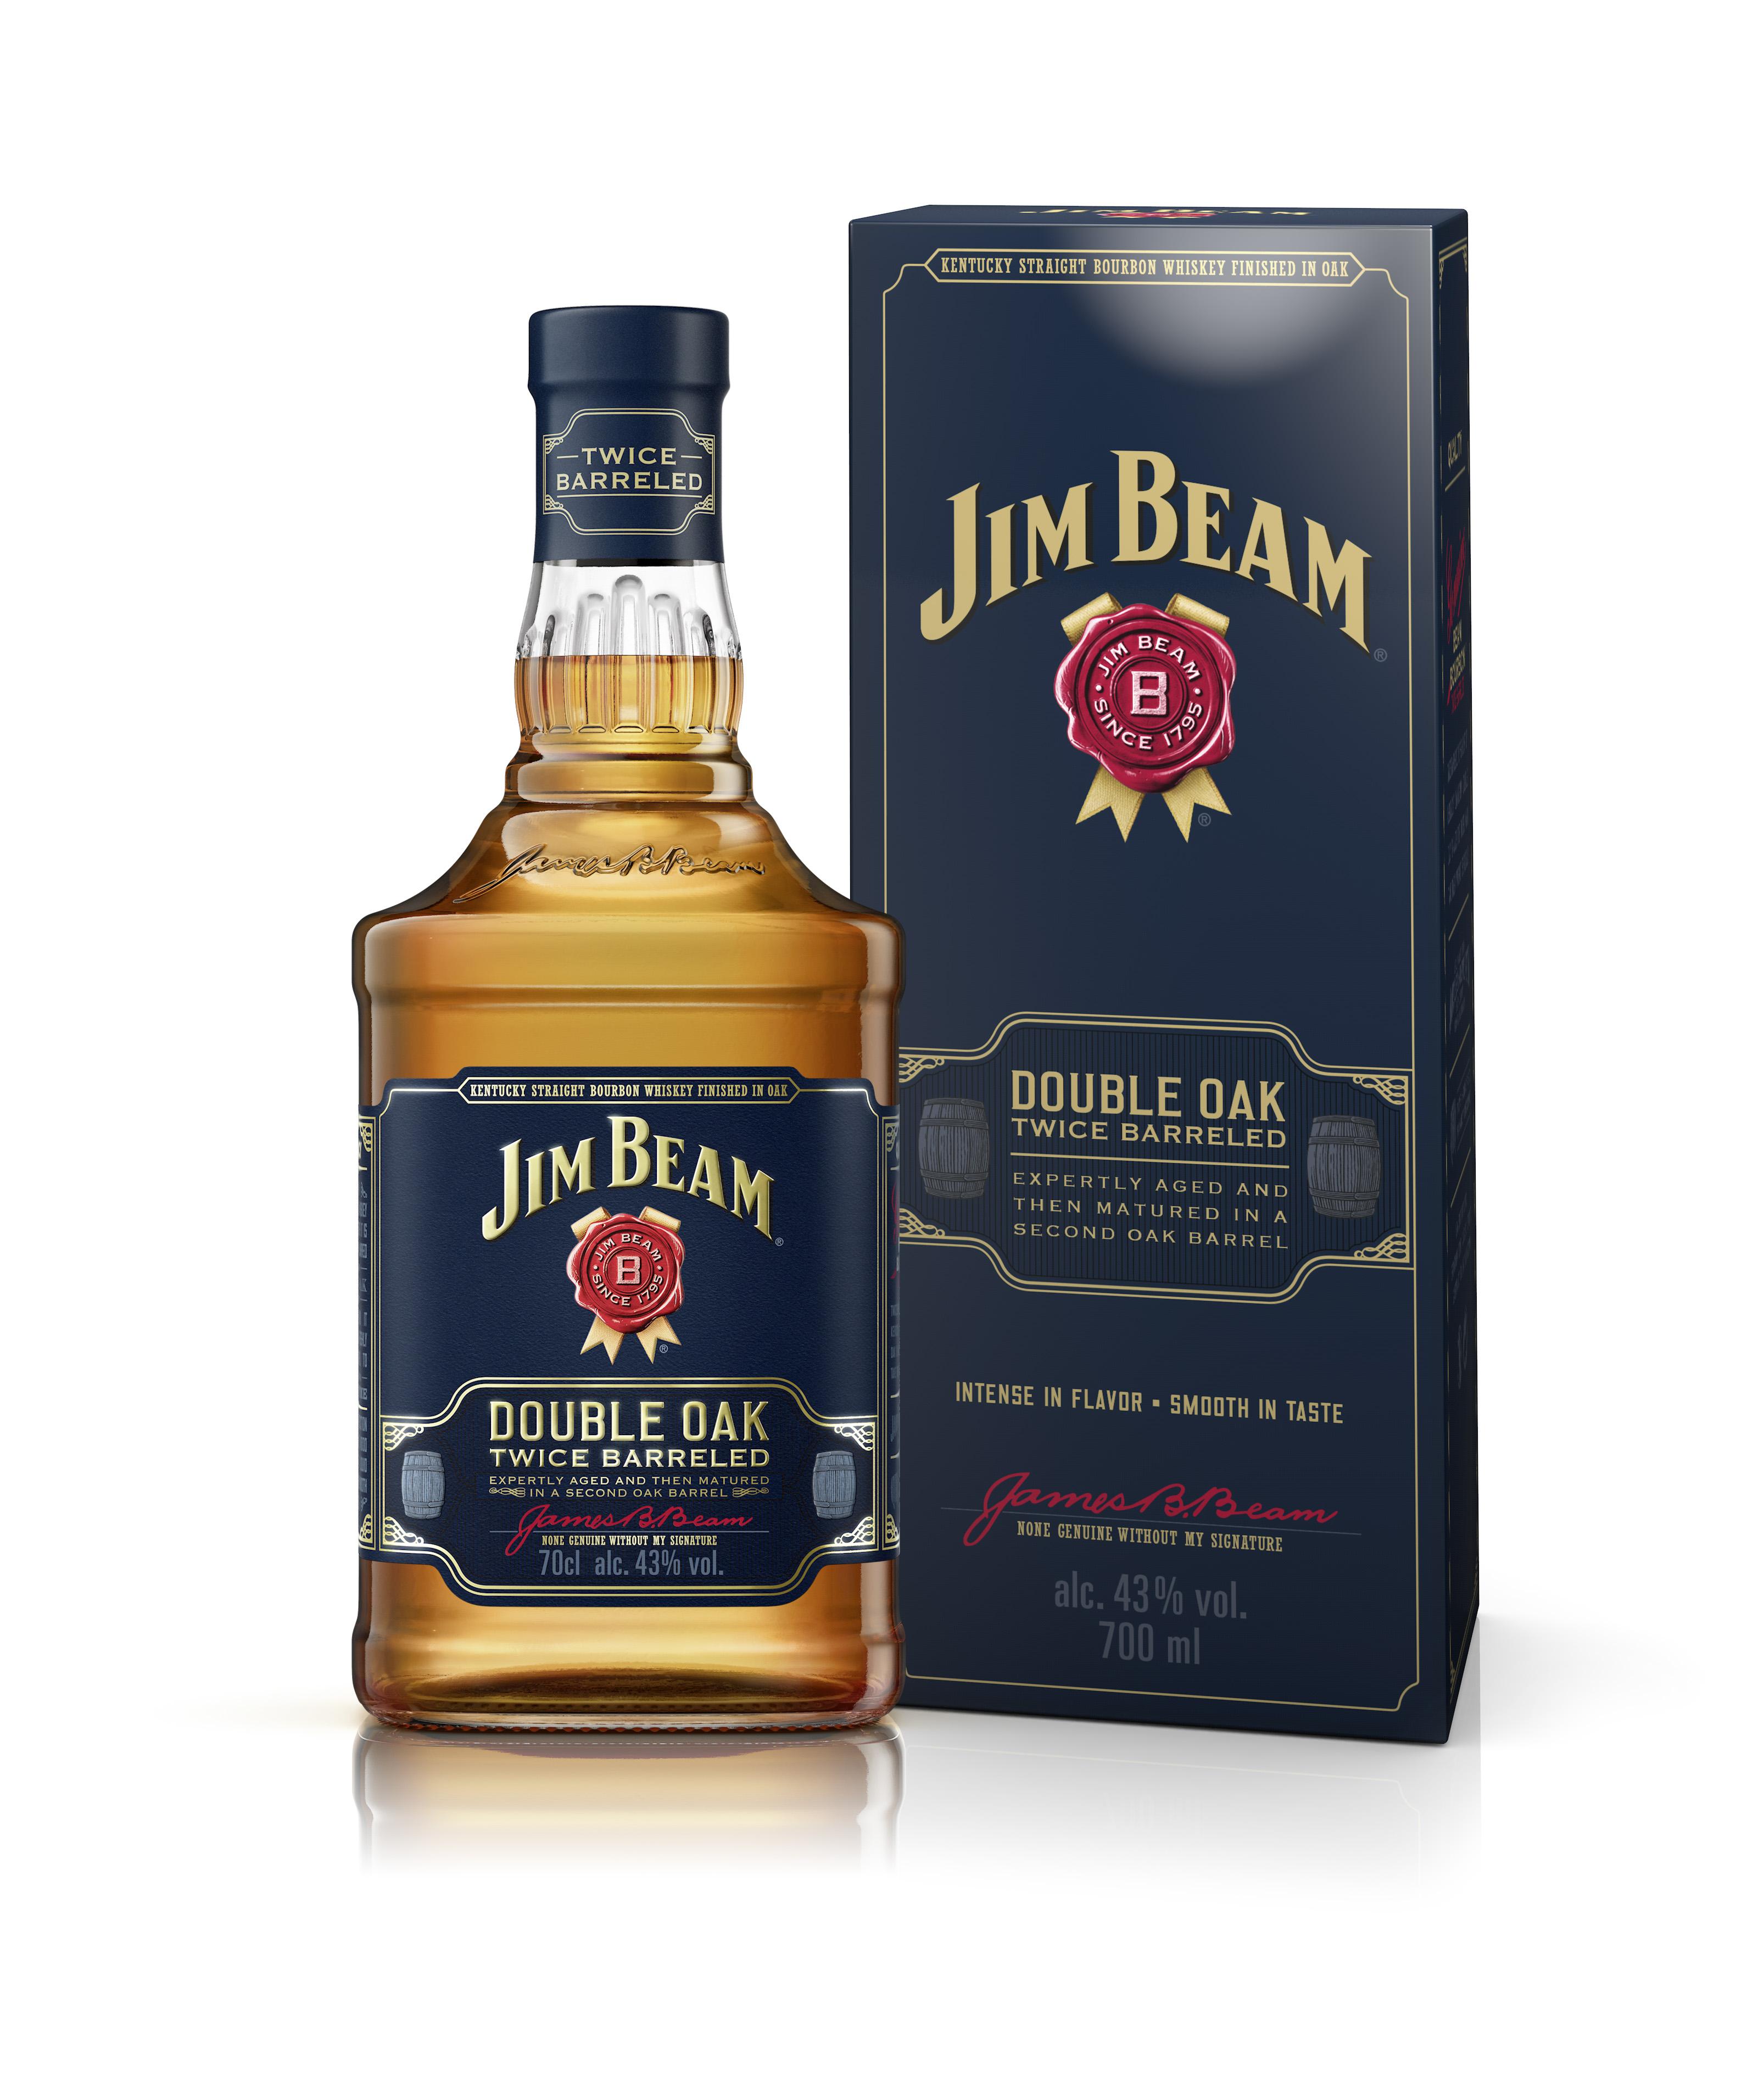 Der Kentucky Straight Bourbon Whiskey Jim Beam Double Oak ist zweifach in neu ausgeflammten amerikanischen Eichenfässern gereift und besticht durch seine außergewöhnliche Geschmackstiefe.